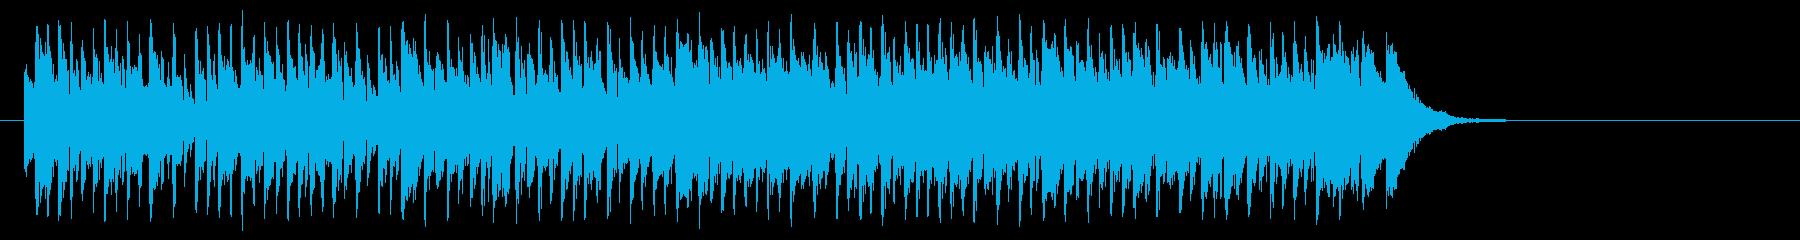 シュプールを描くポップ(Aメロ)の再生済みの波形